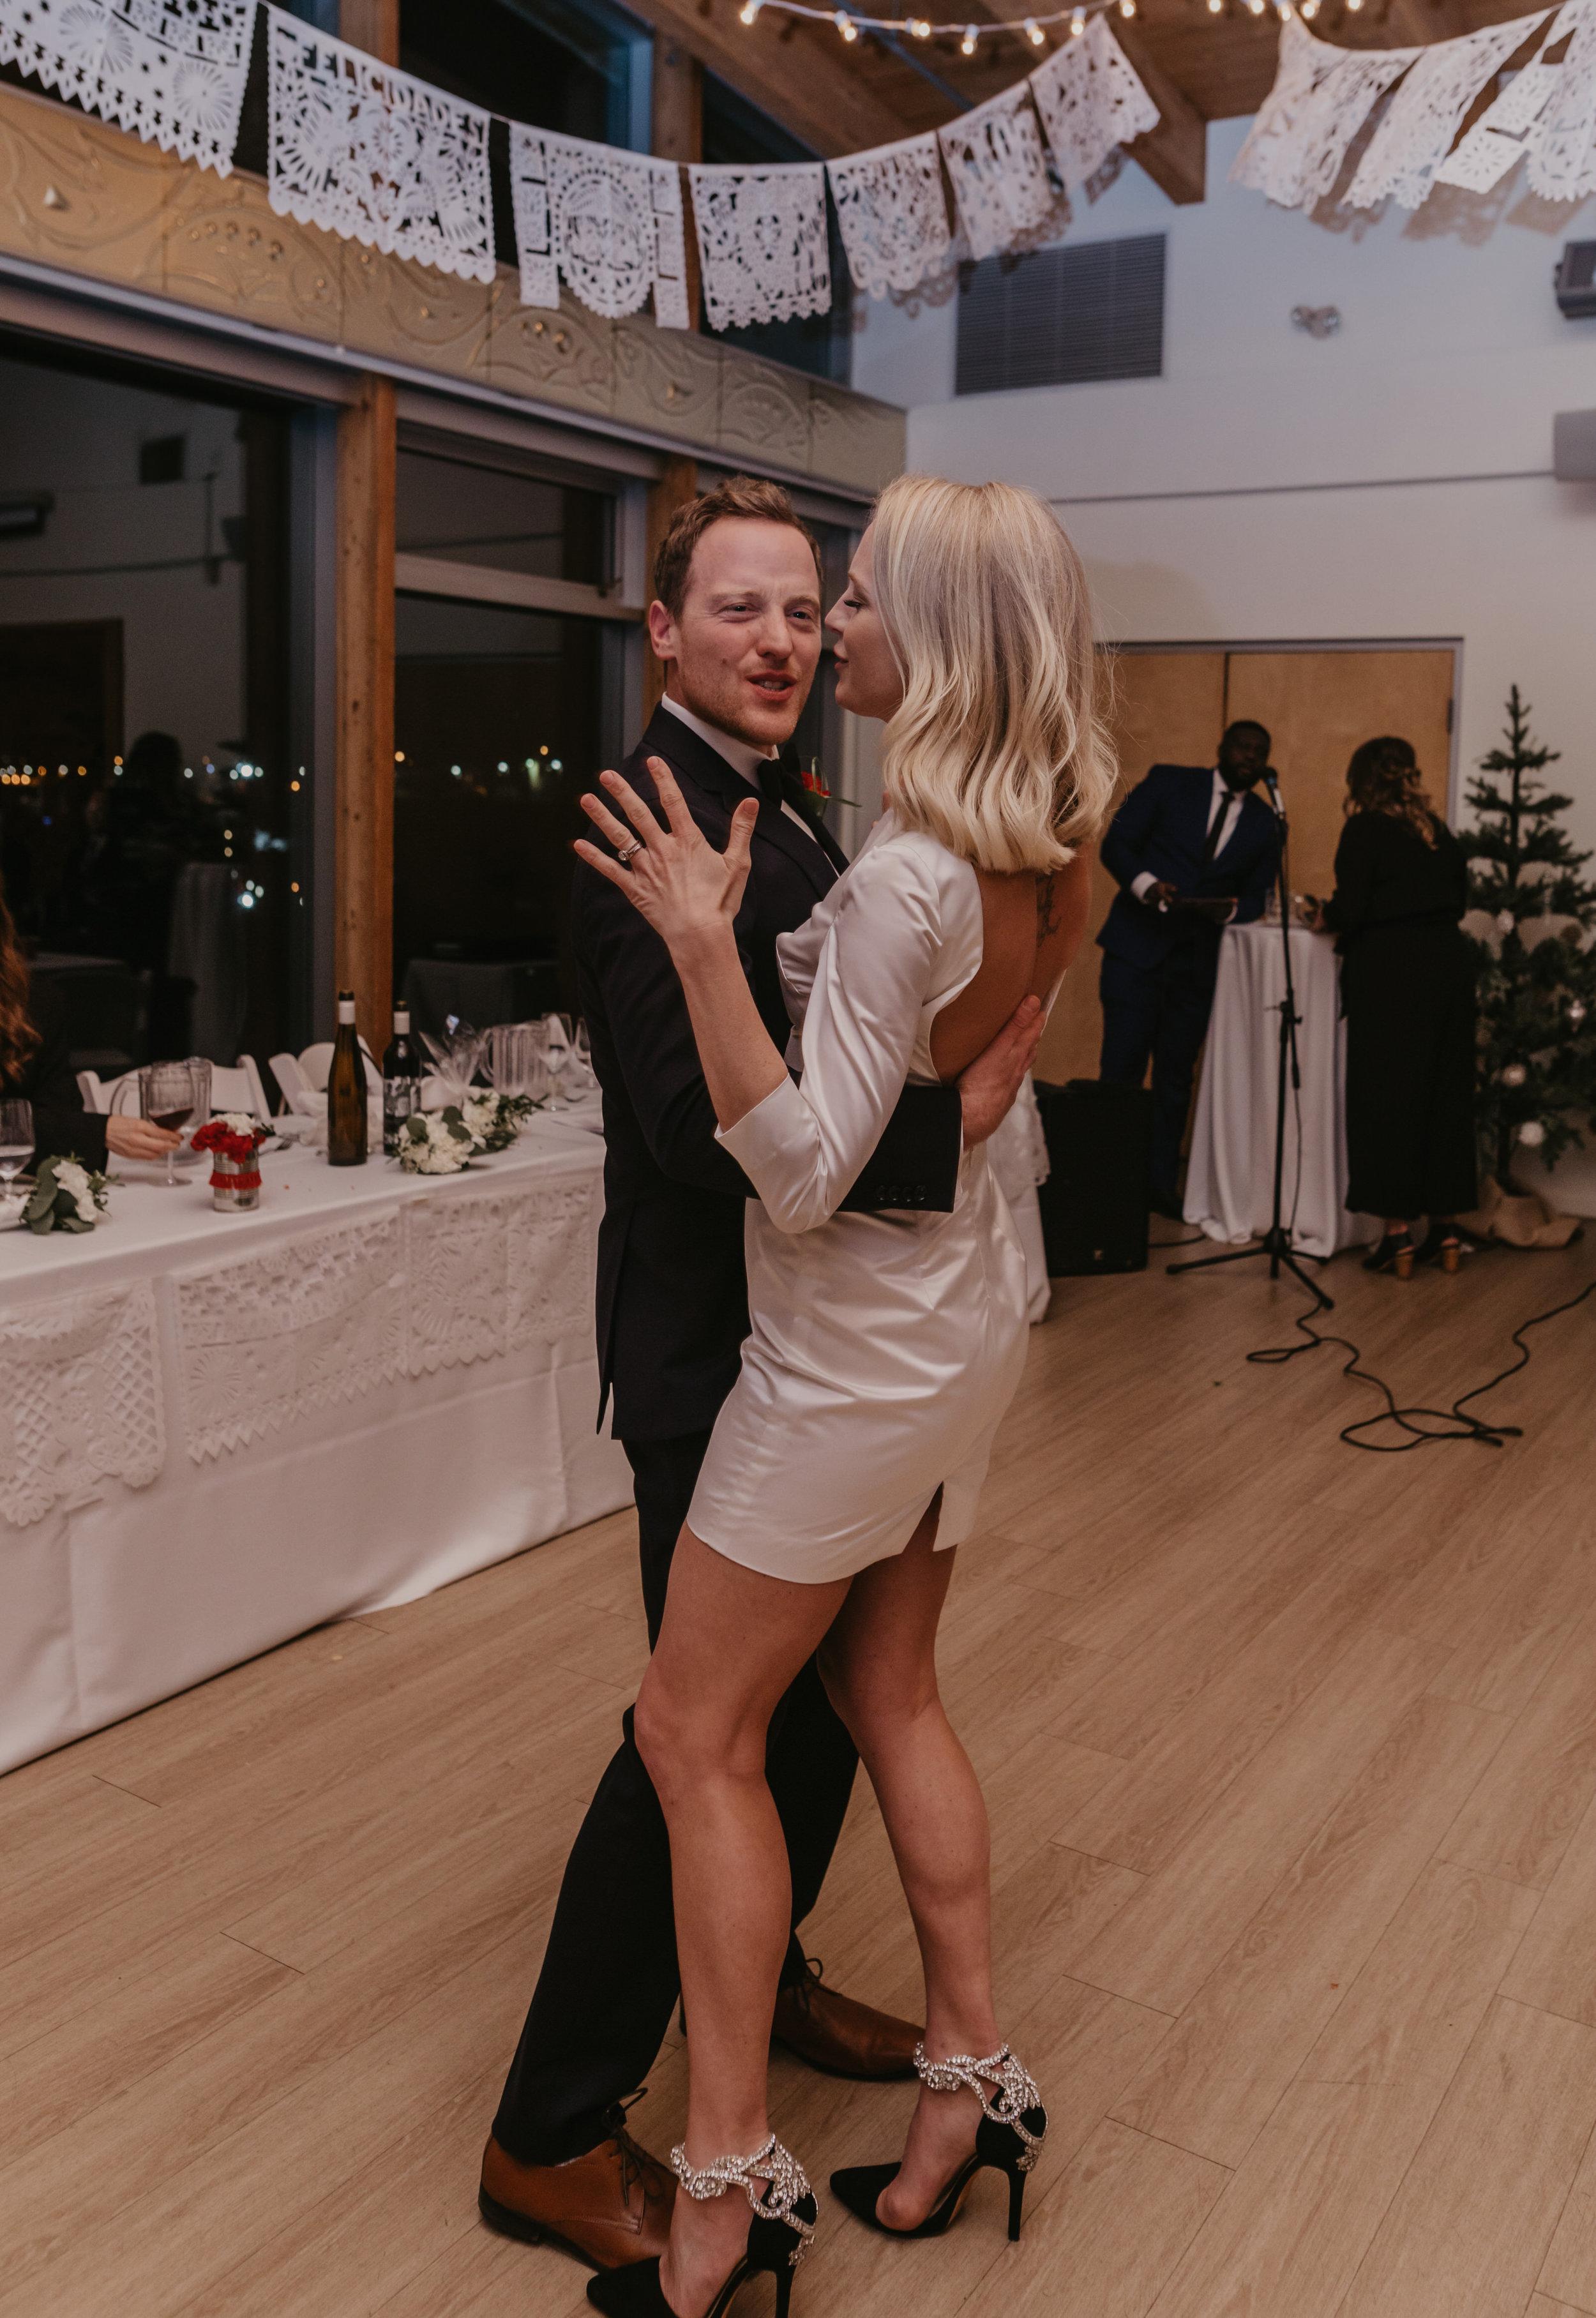 Vancouver New Years Eve Wedding - UBC Boathouse Wedding - Kitsilano Wedding Photos - Vancouver Wedding Photographer - Vancouver Wedding Videographer - 871.JPG